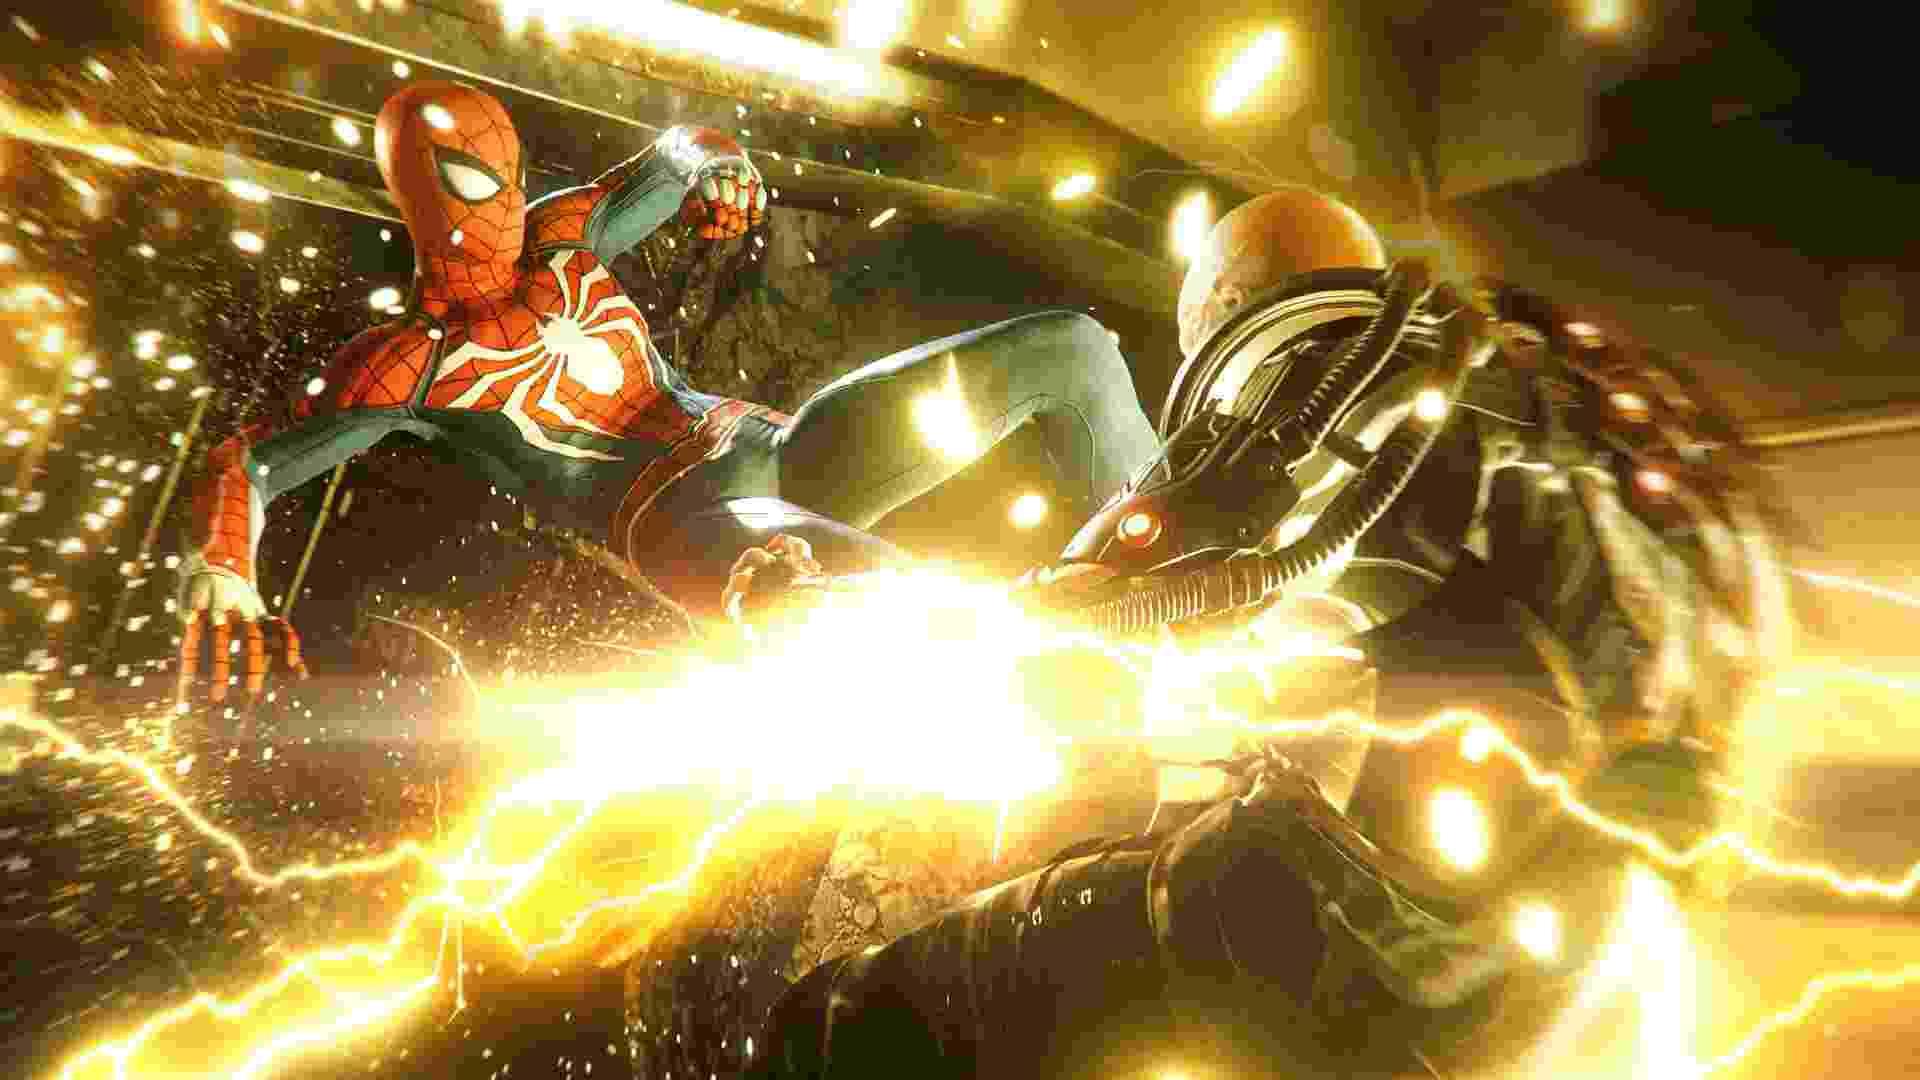 Spider-Man luta contra Electro - Reprodução